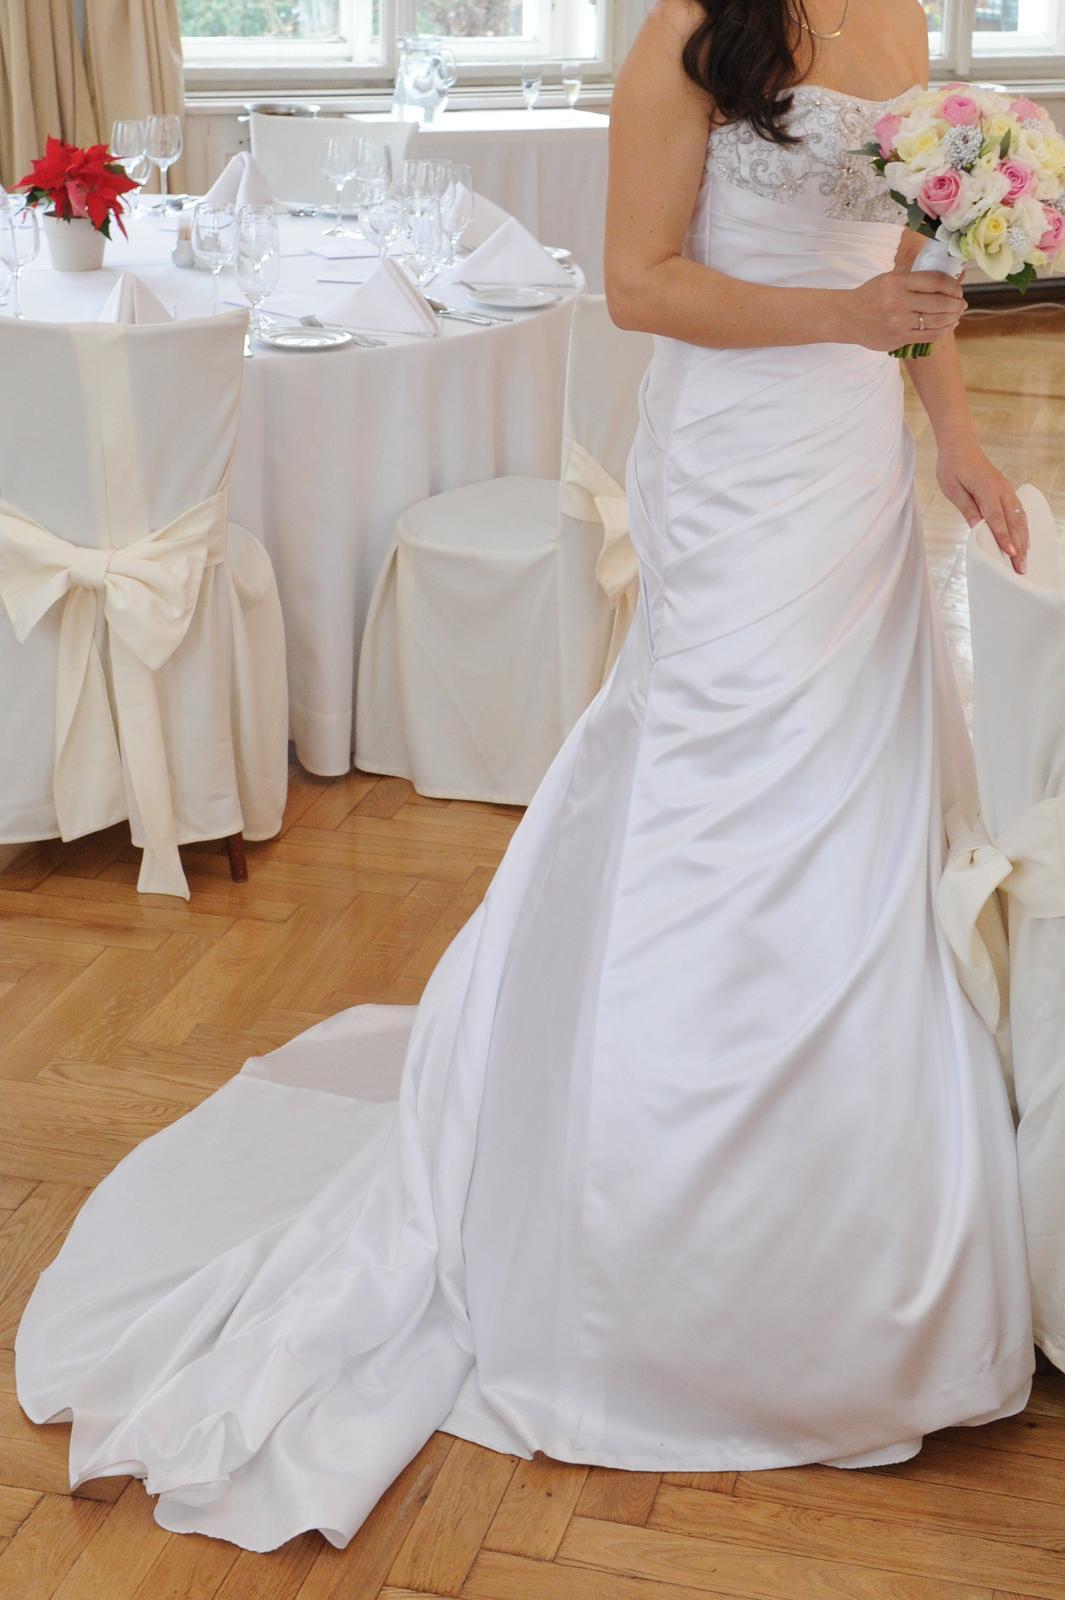 Elegantní svatební šaty - bílé vel. 38 - Obrázek č. 2